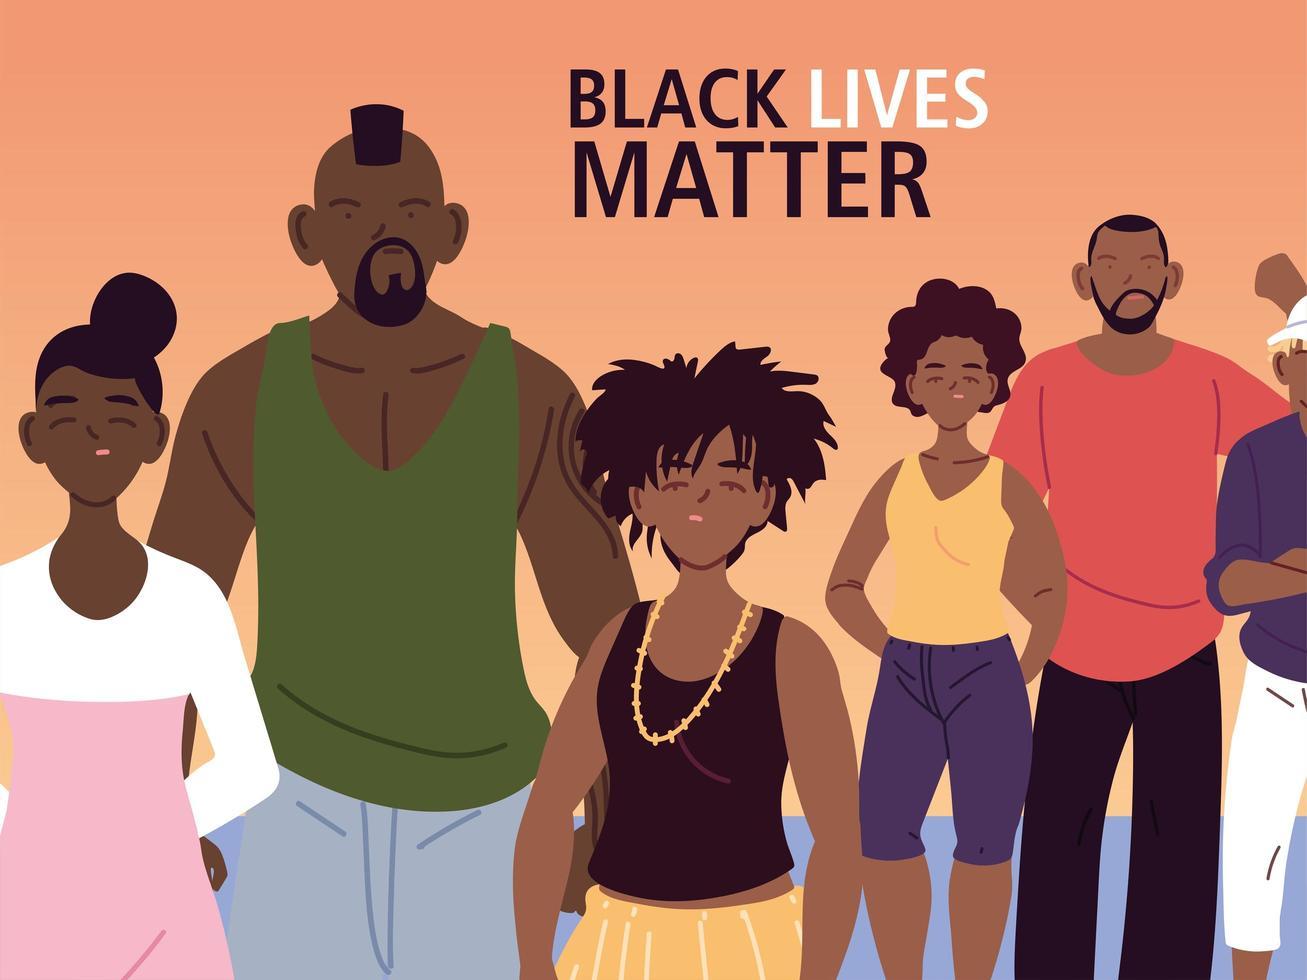 zwarte levens doen ertoe bij gezinnen vector